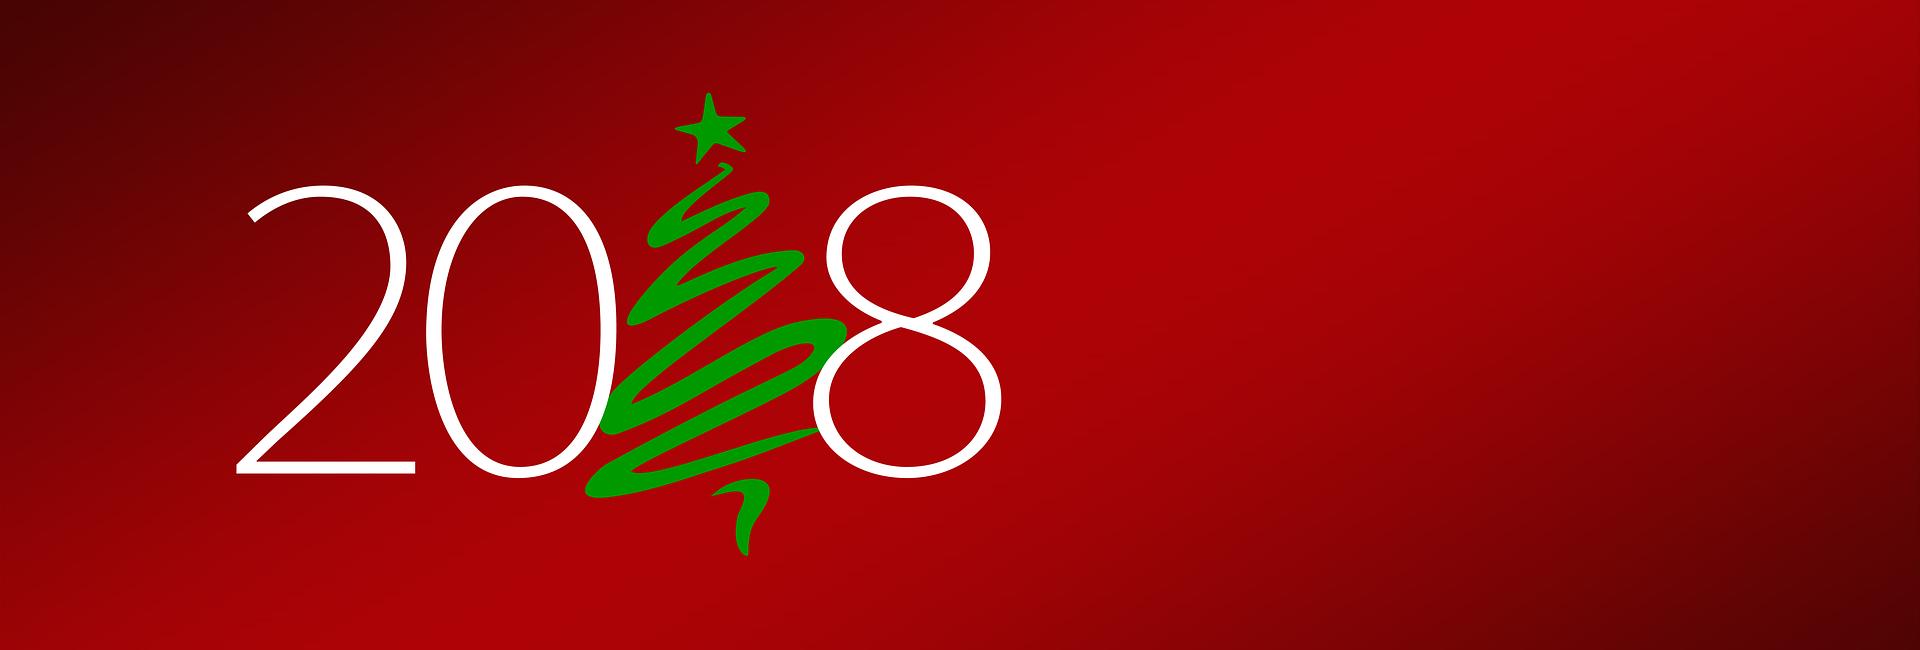 Frohe Weihnachten und ein erfolgreiches Jahr 2018